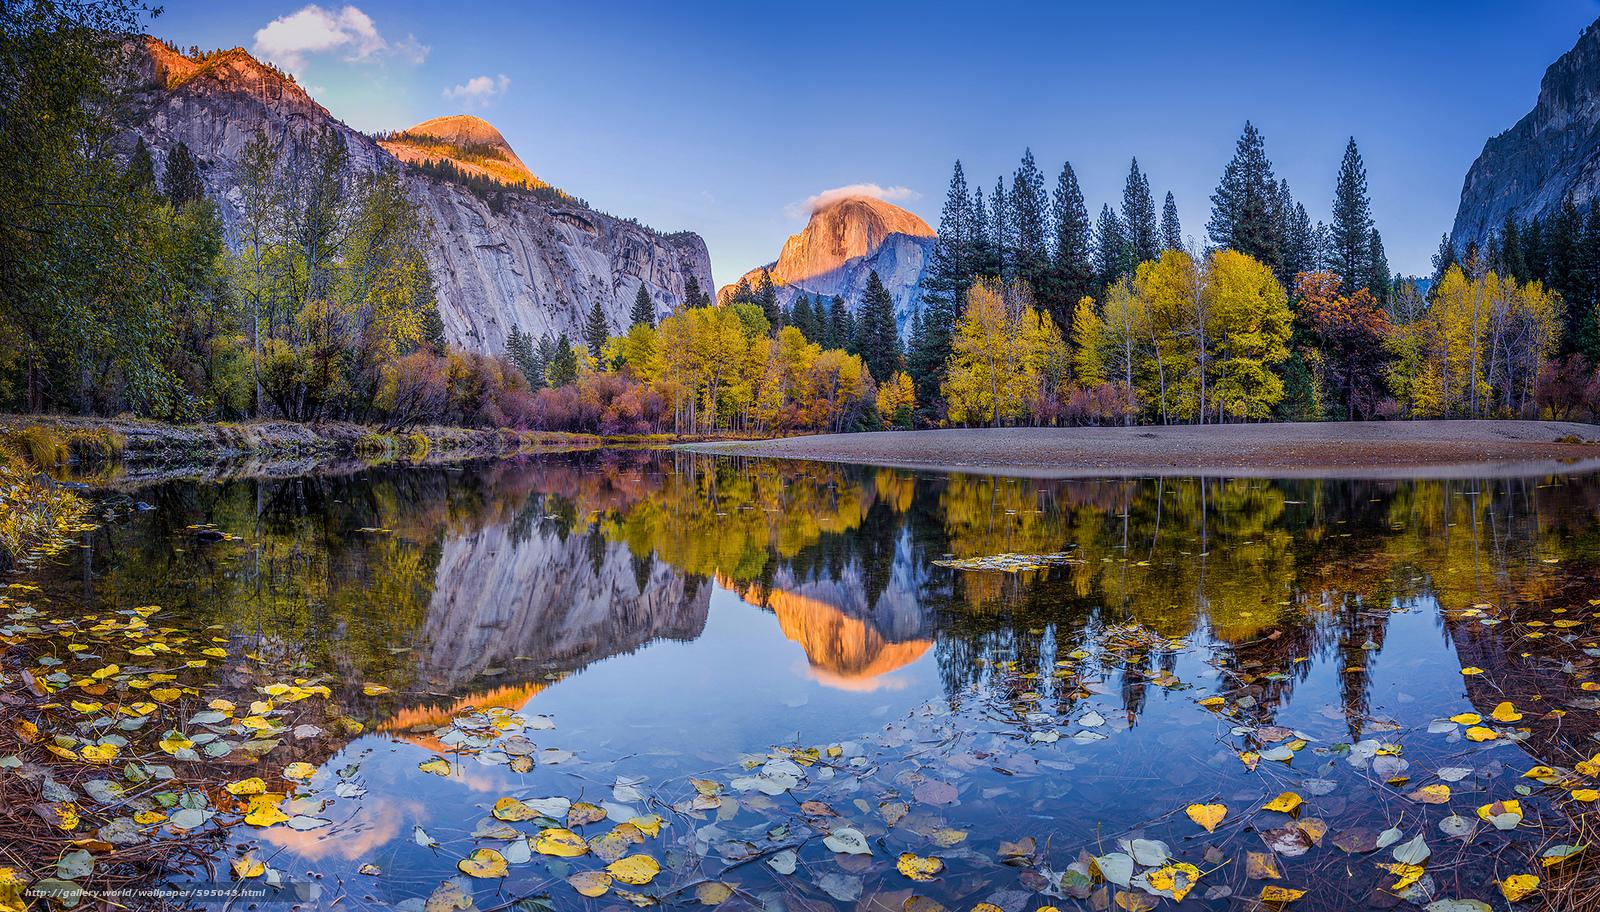 Scaricare gli sfondi yosemite montagne lago autunno for Sfondi desktop autunno